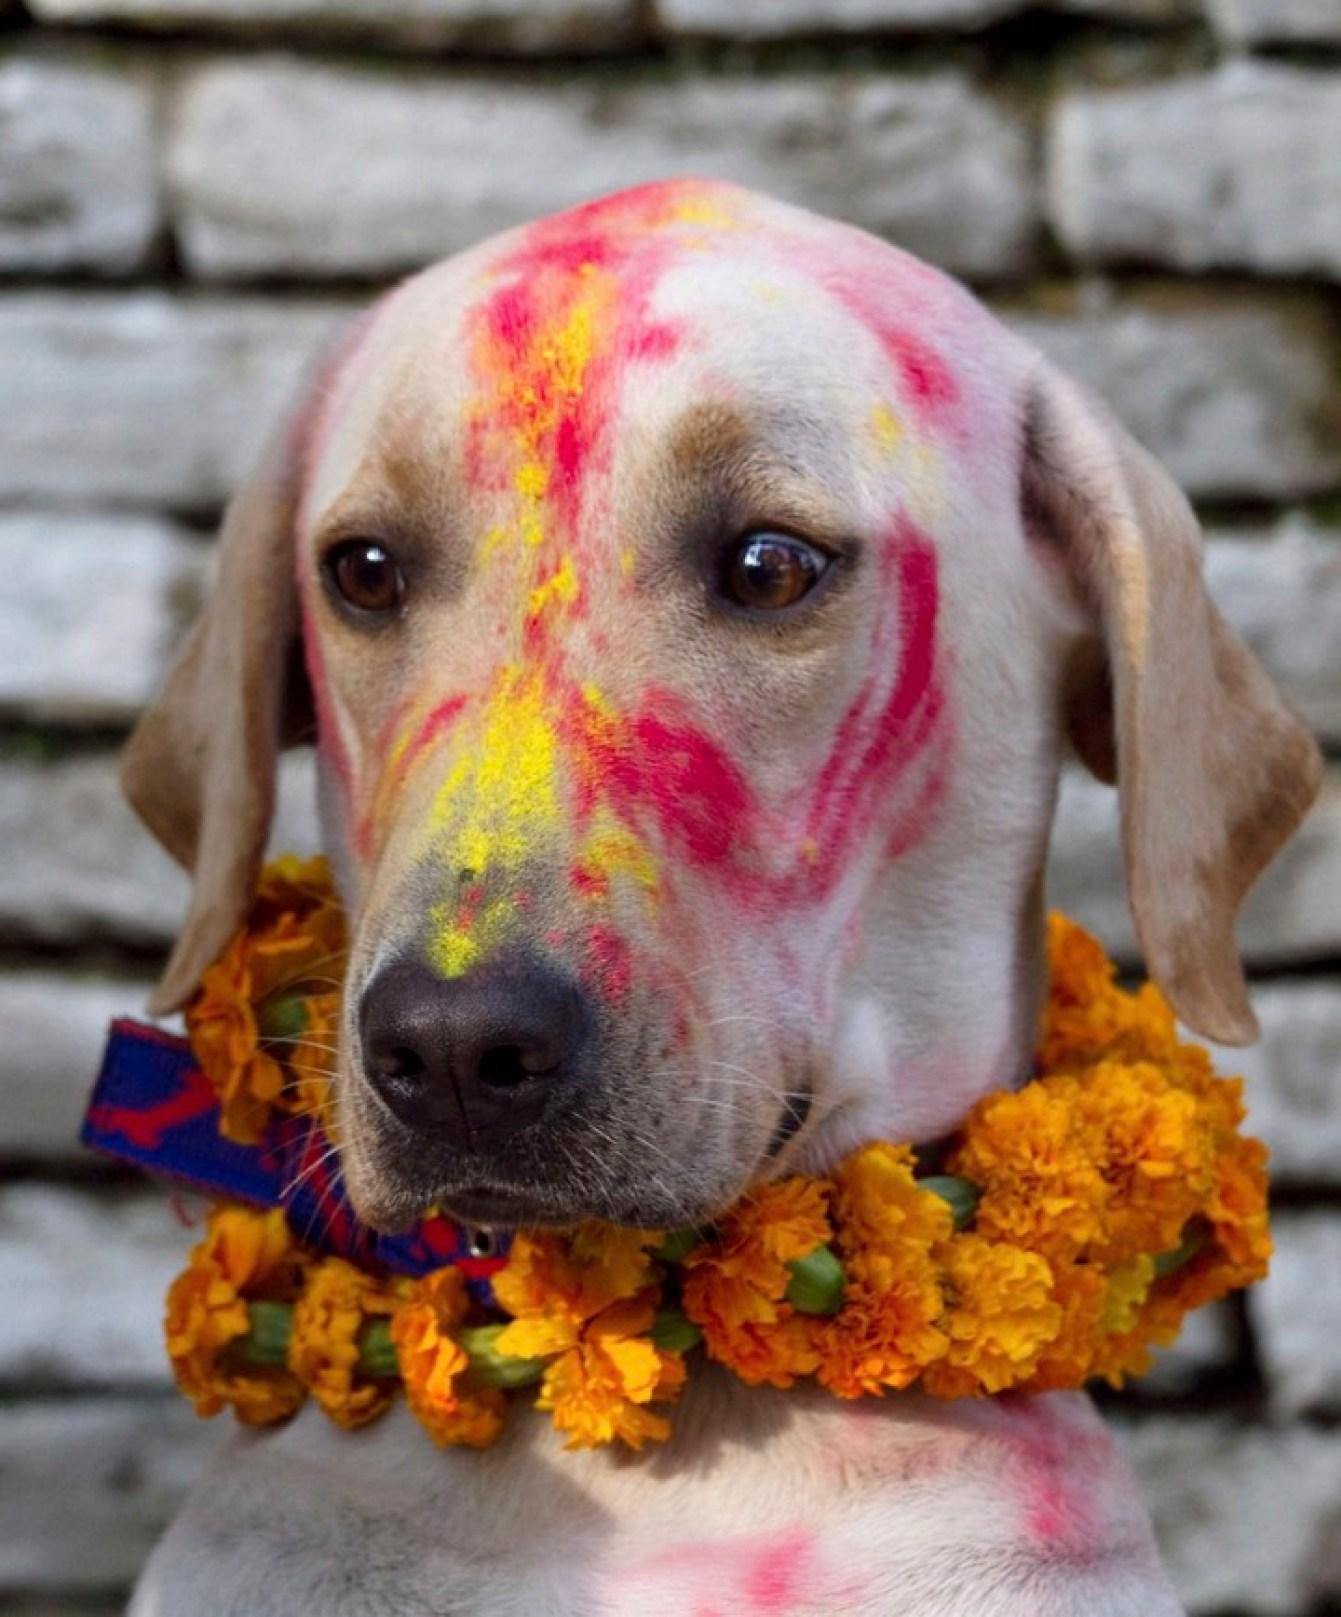 Los perros son bañados, adornados y se les ofrece comida durante todo el día.